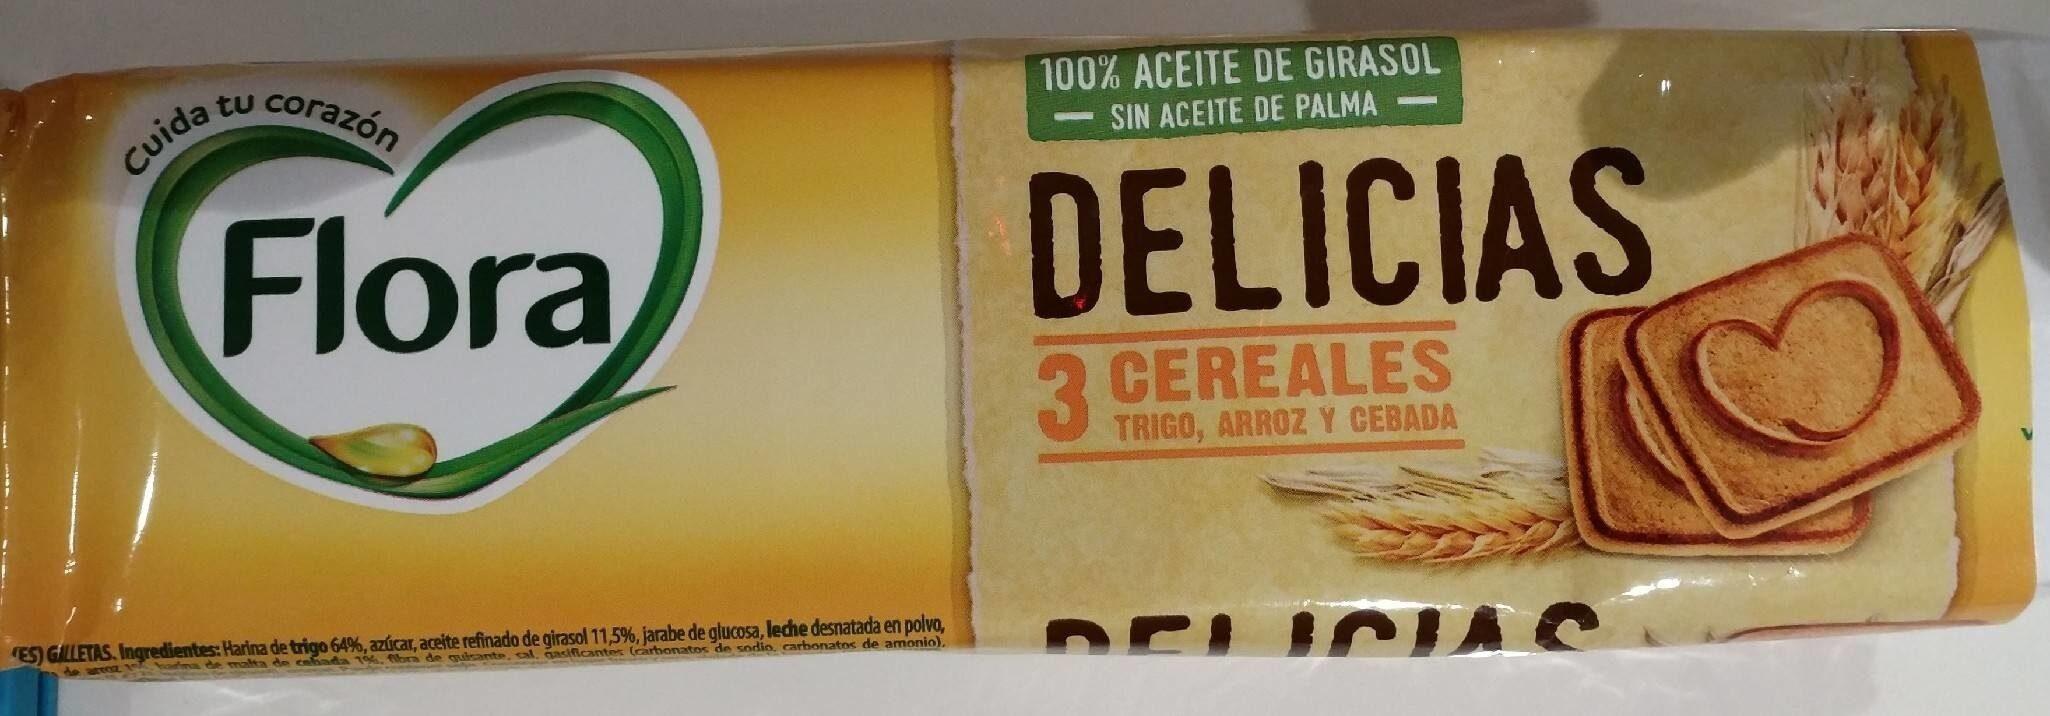 Galletas delicias 3 cereales - Prodotto - es